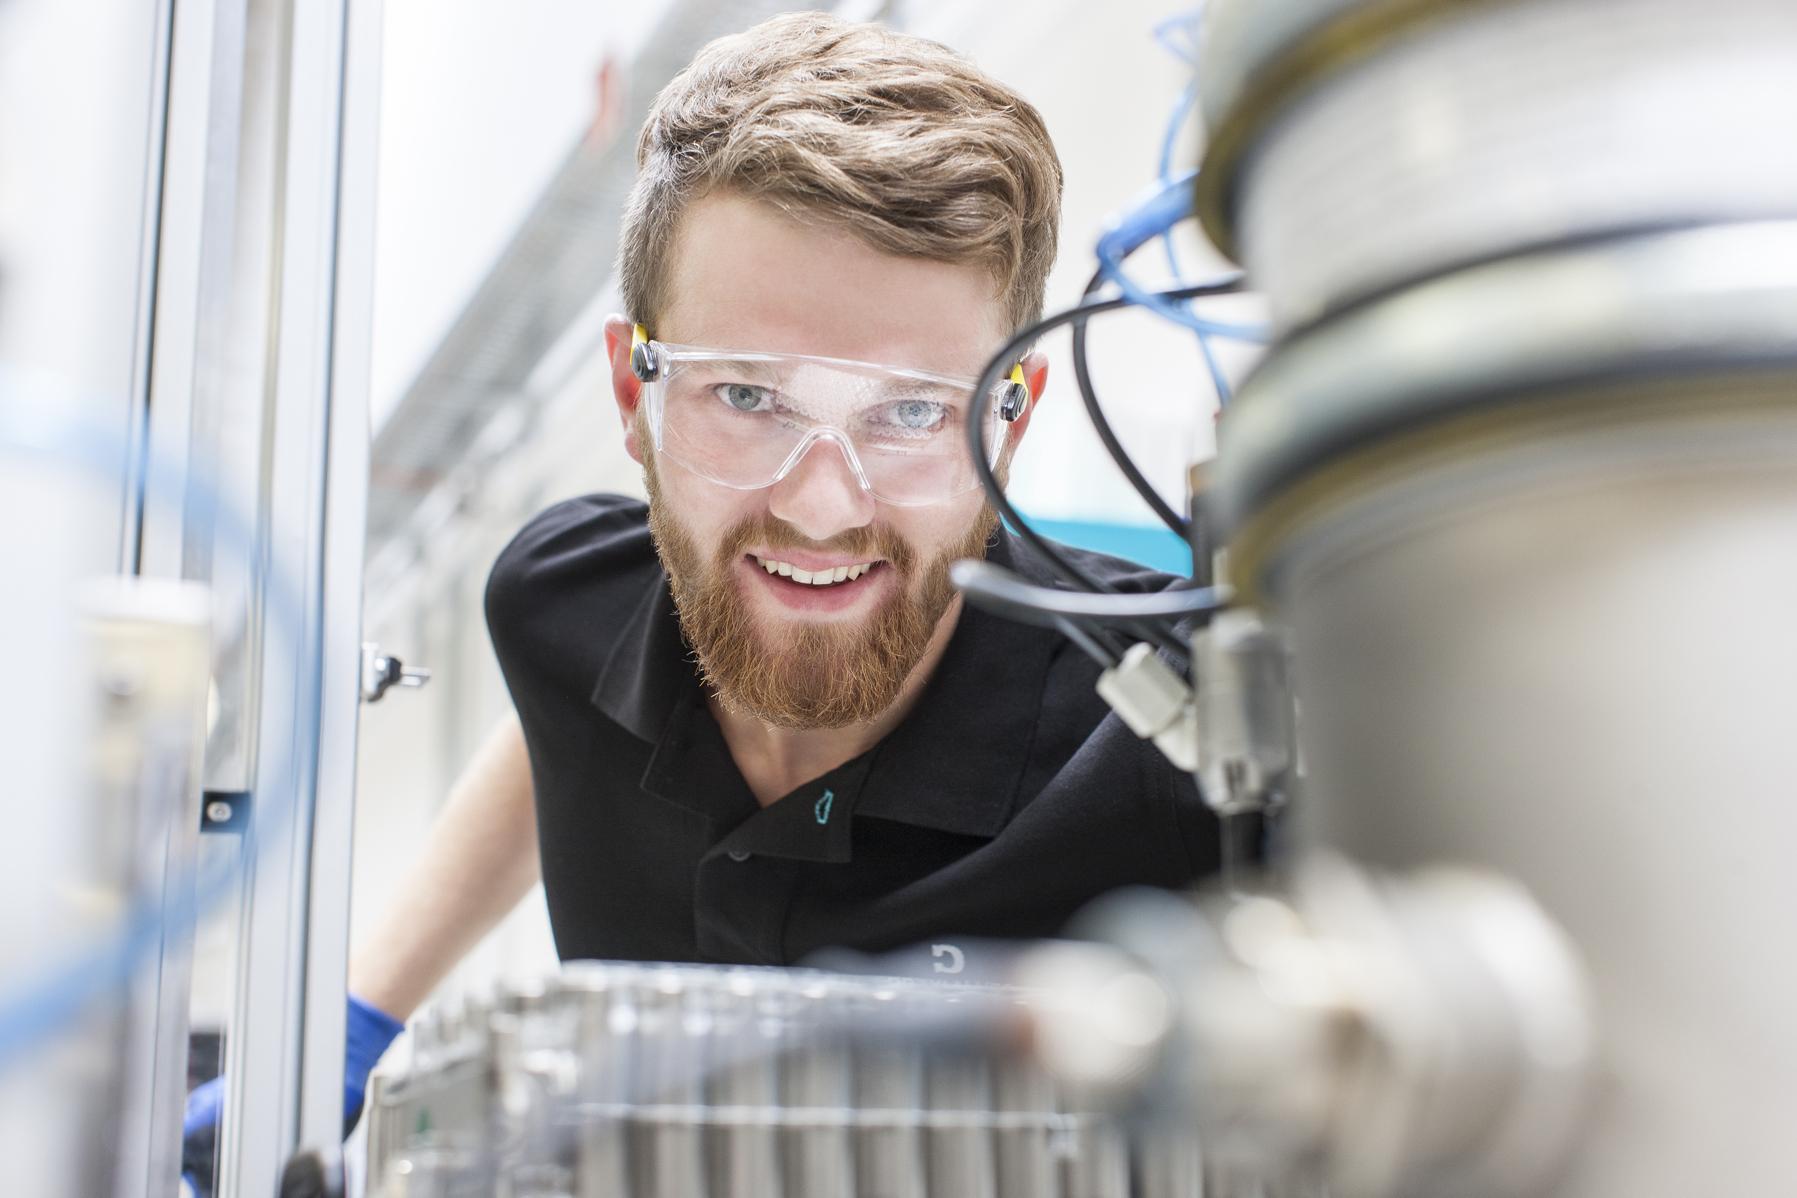 Dräxlmaier ist einer der großen Mittelständler mit Milliardenumsätzen. Das Vilsbiburger Unternehmen schafft mit exklusiven Interieur-Produkten Charakter im Fahrzeug.